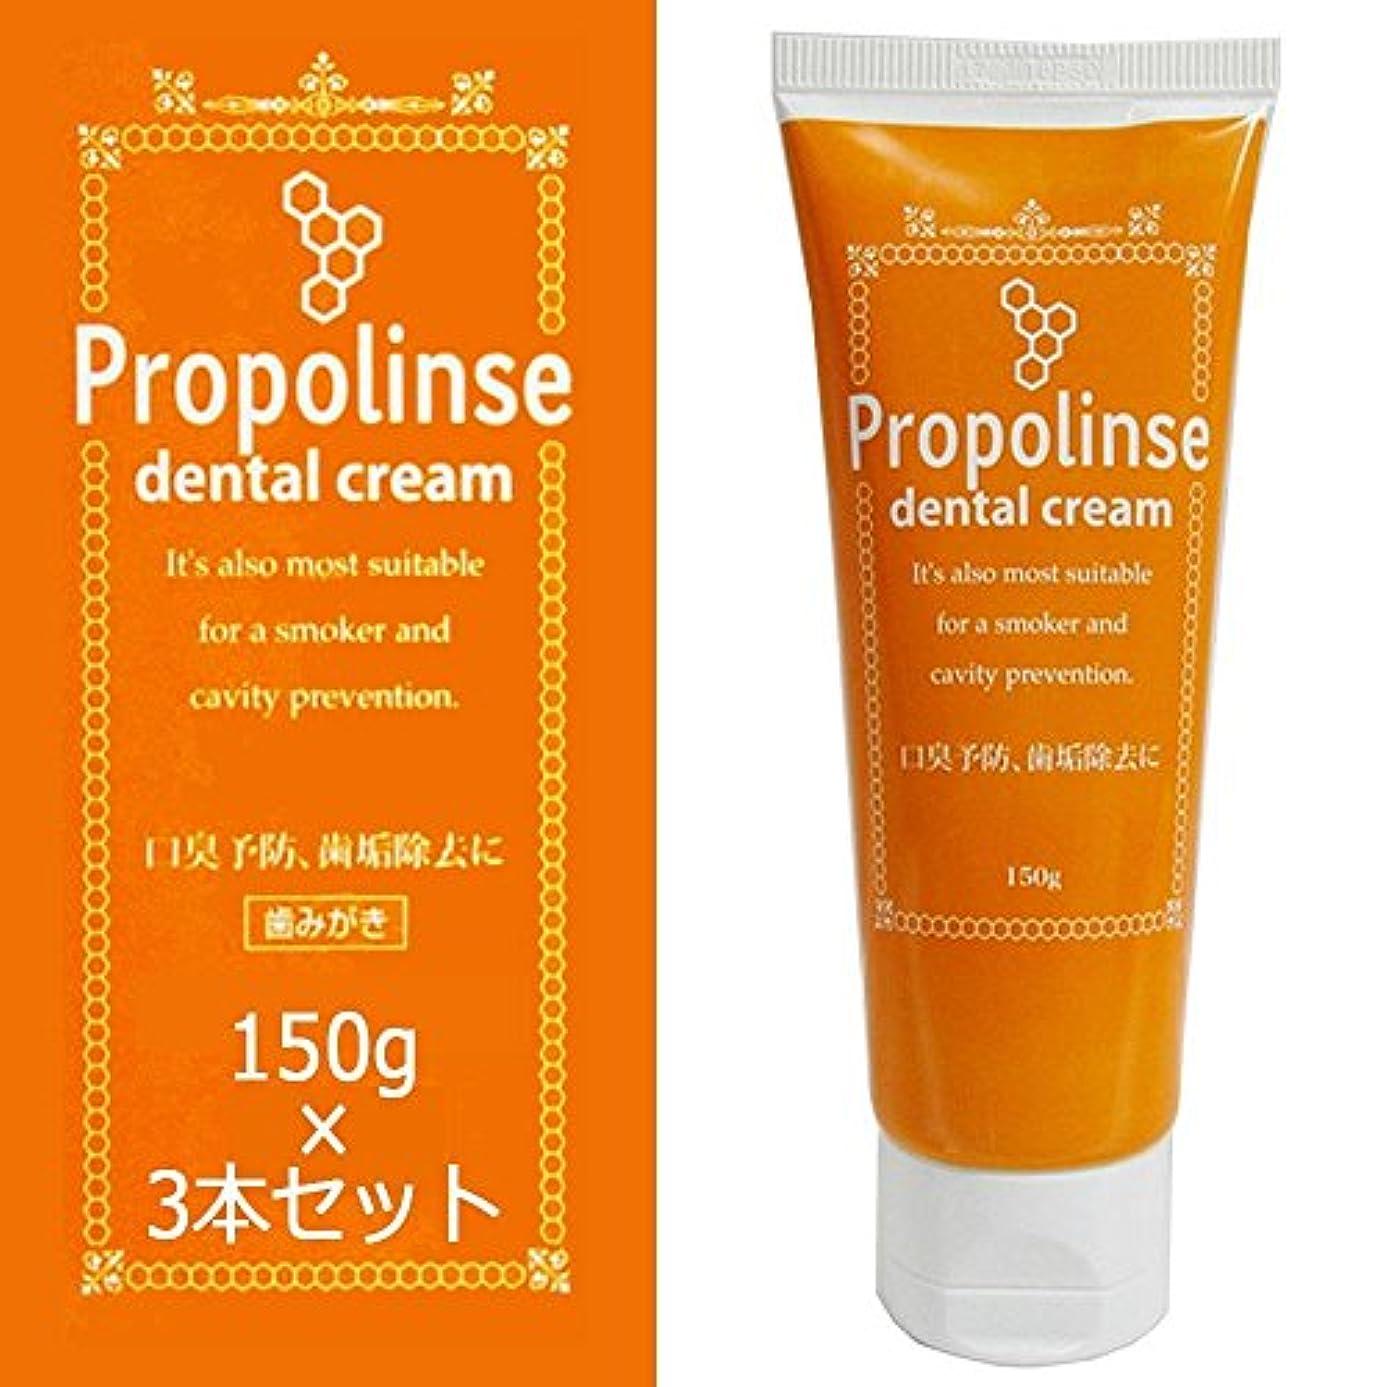 争い控えめな買い手プロポリンス デンタルクリーム(歯みがき) 150g×3個セット